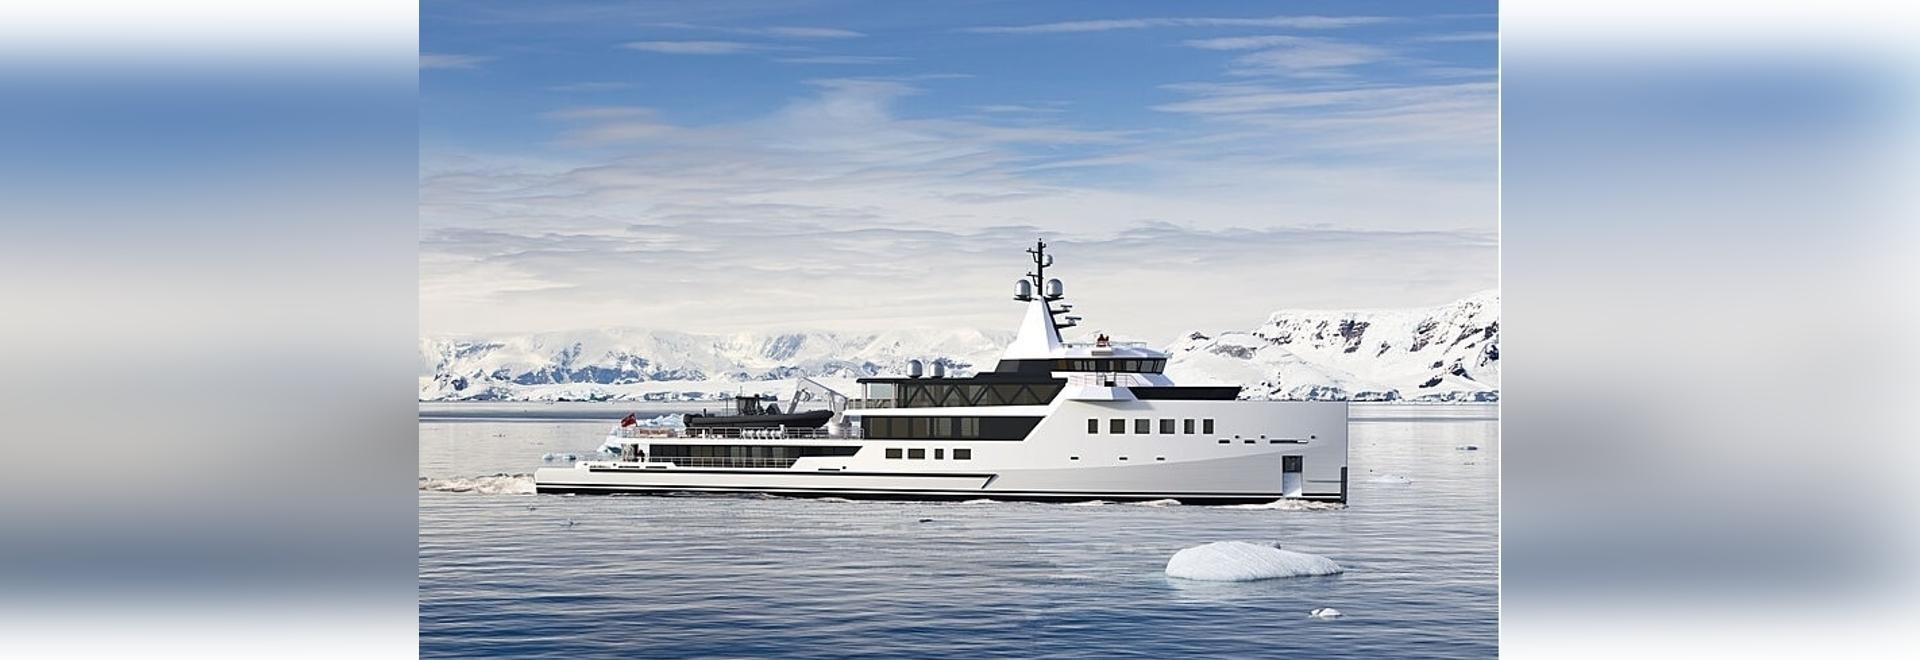 Damen Yachting signe un nouveau yacht d'exploration hybride de 72 mètres